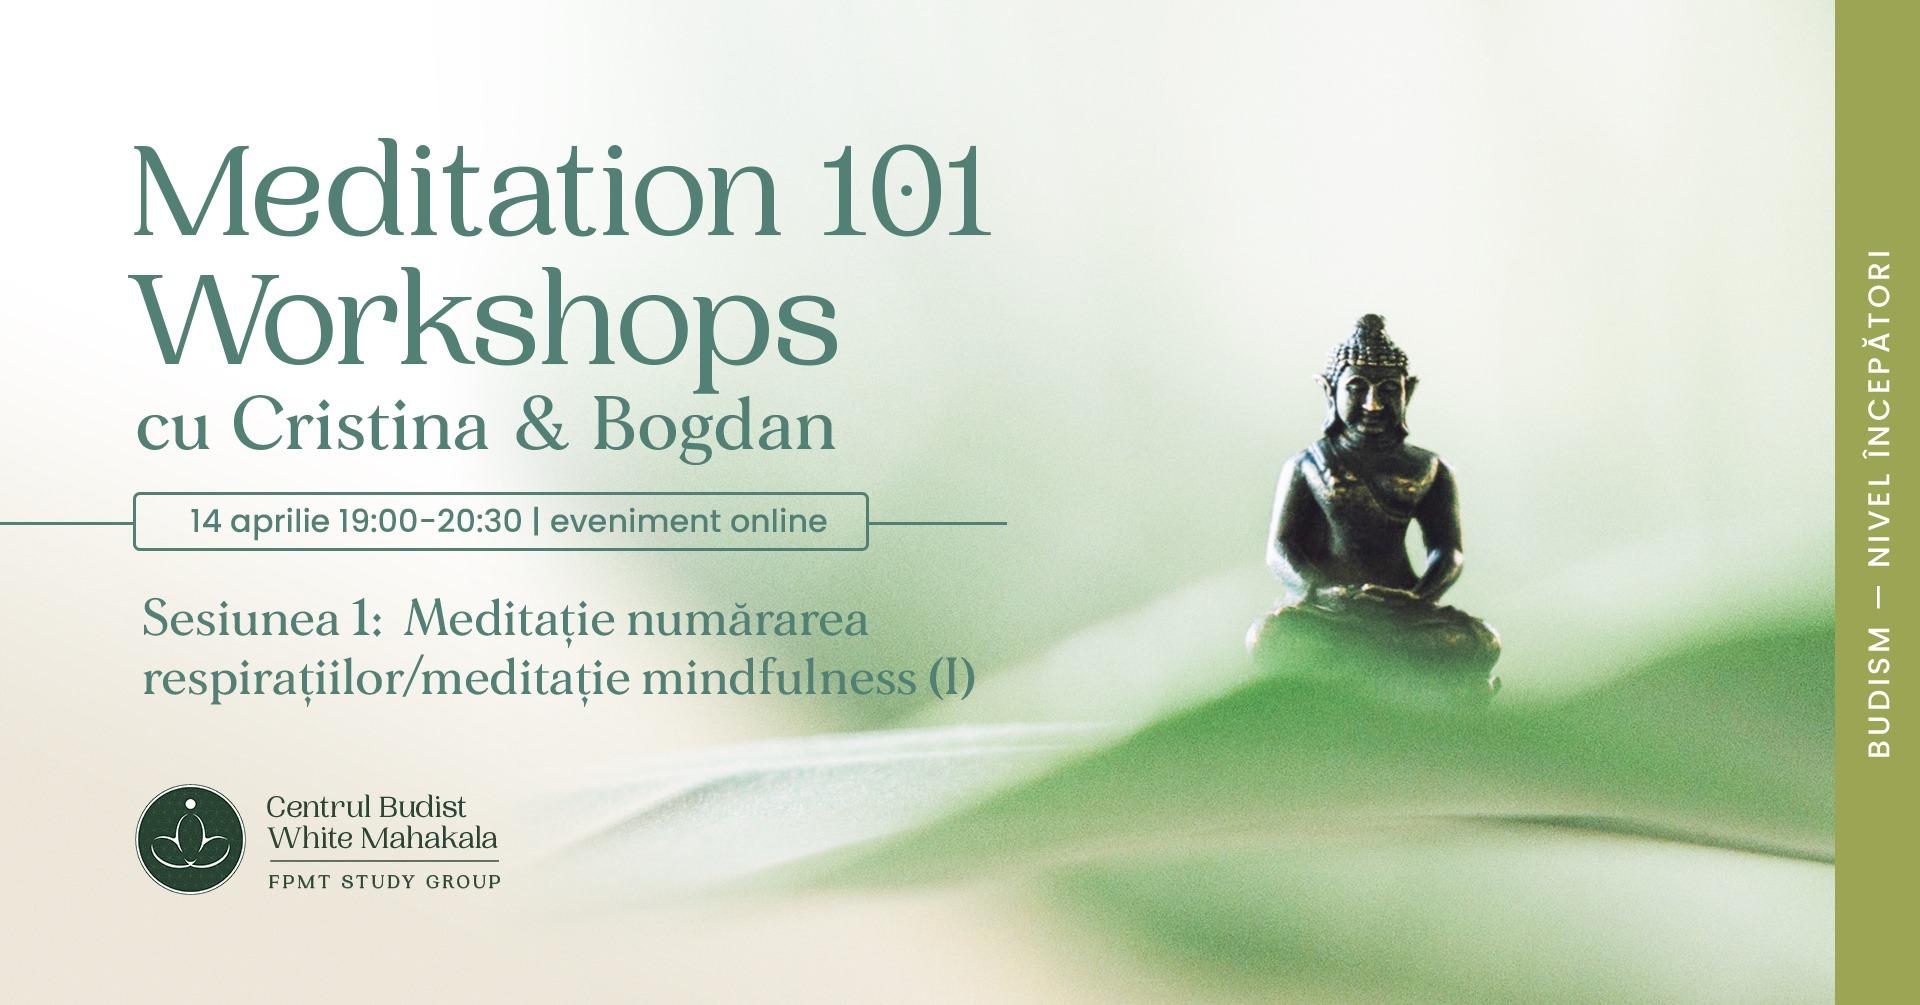 MEDITATION 101- Workshops